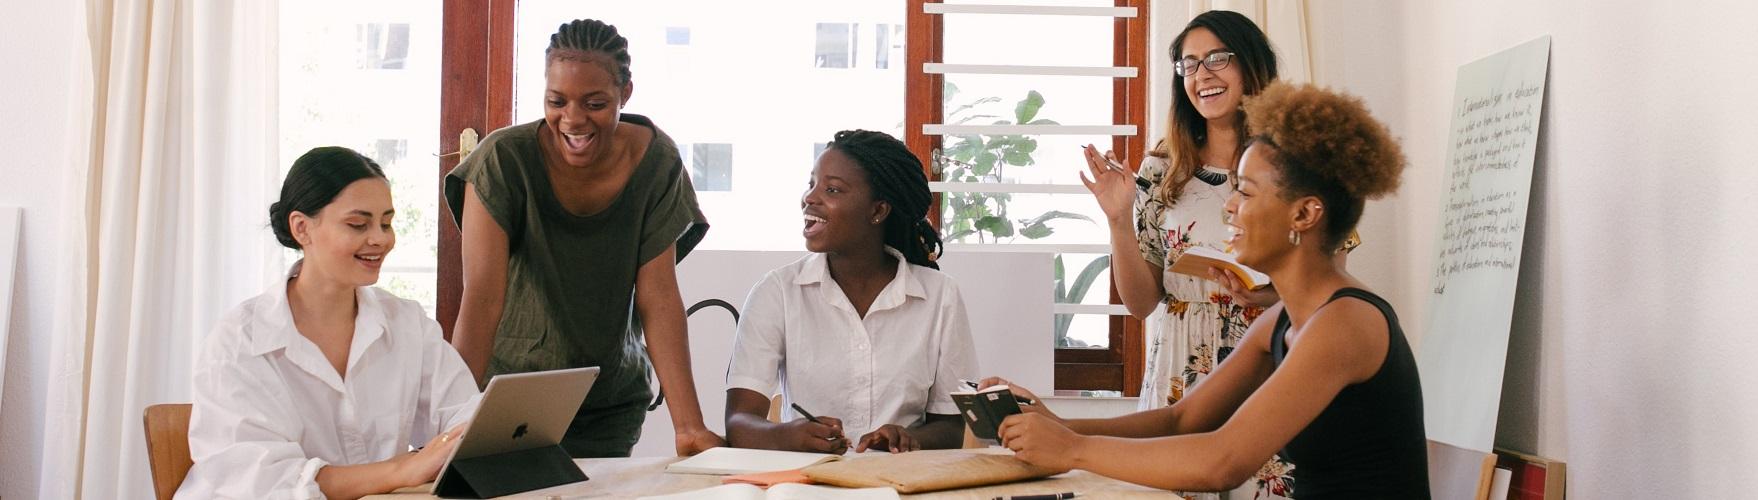 Gruppe von Studierenden in einem Meeting